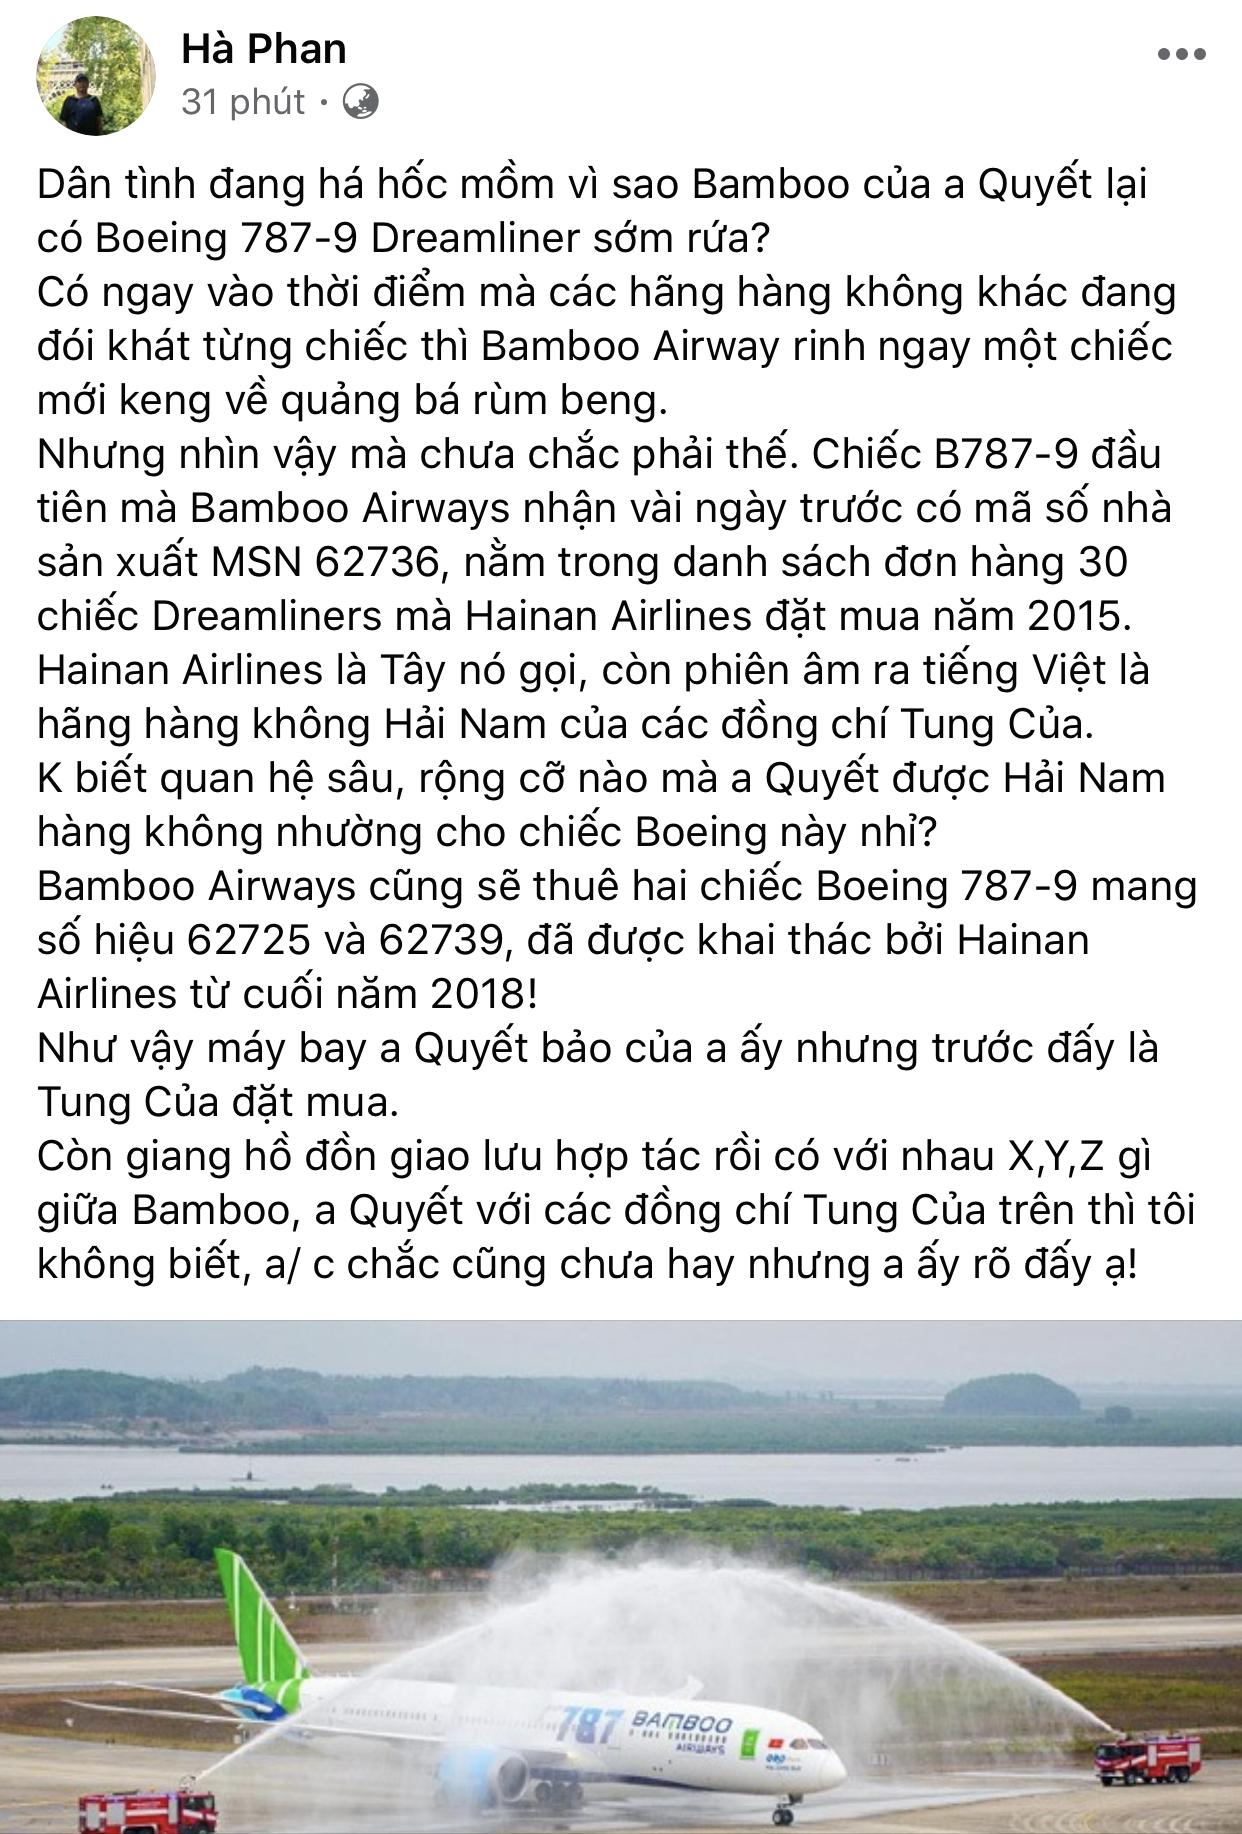 Bamboo Airways có liên quan gì đến Hainan Airlines? 8